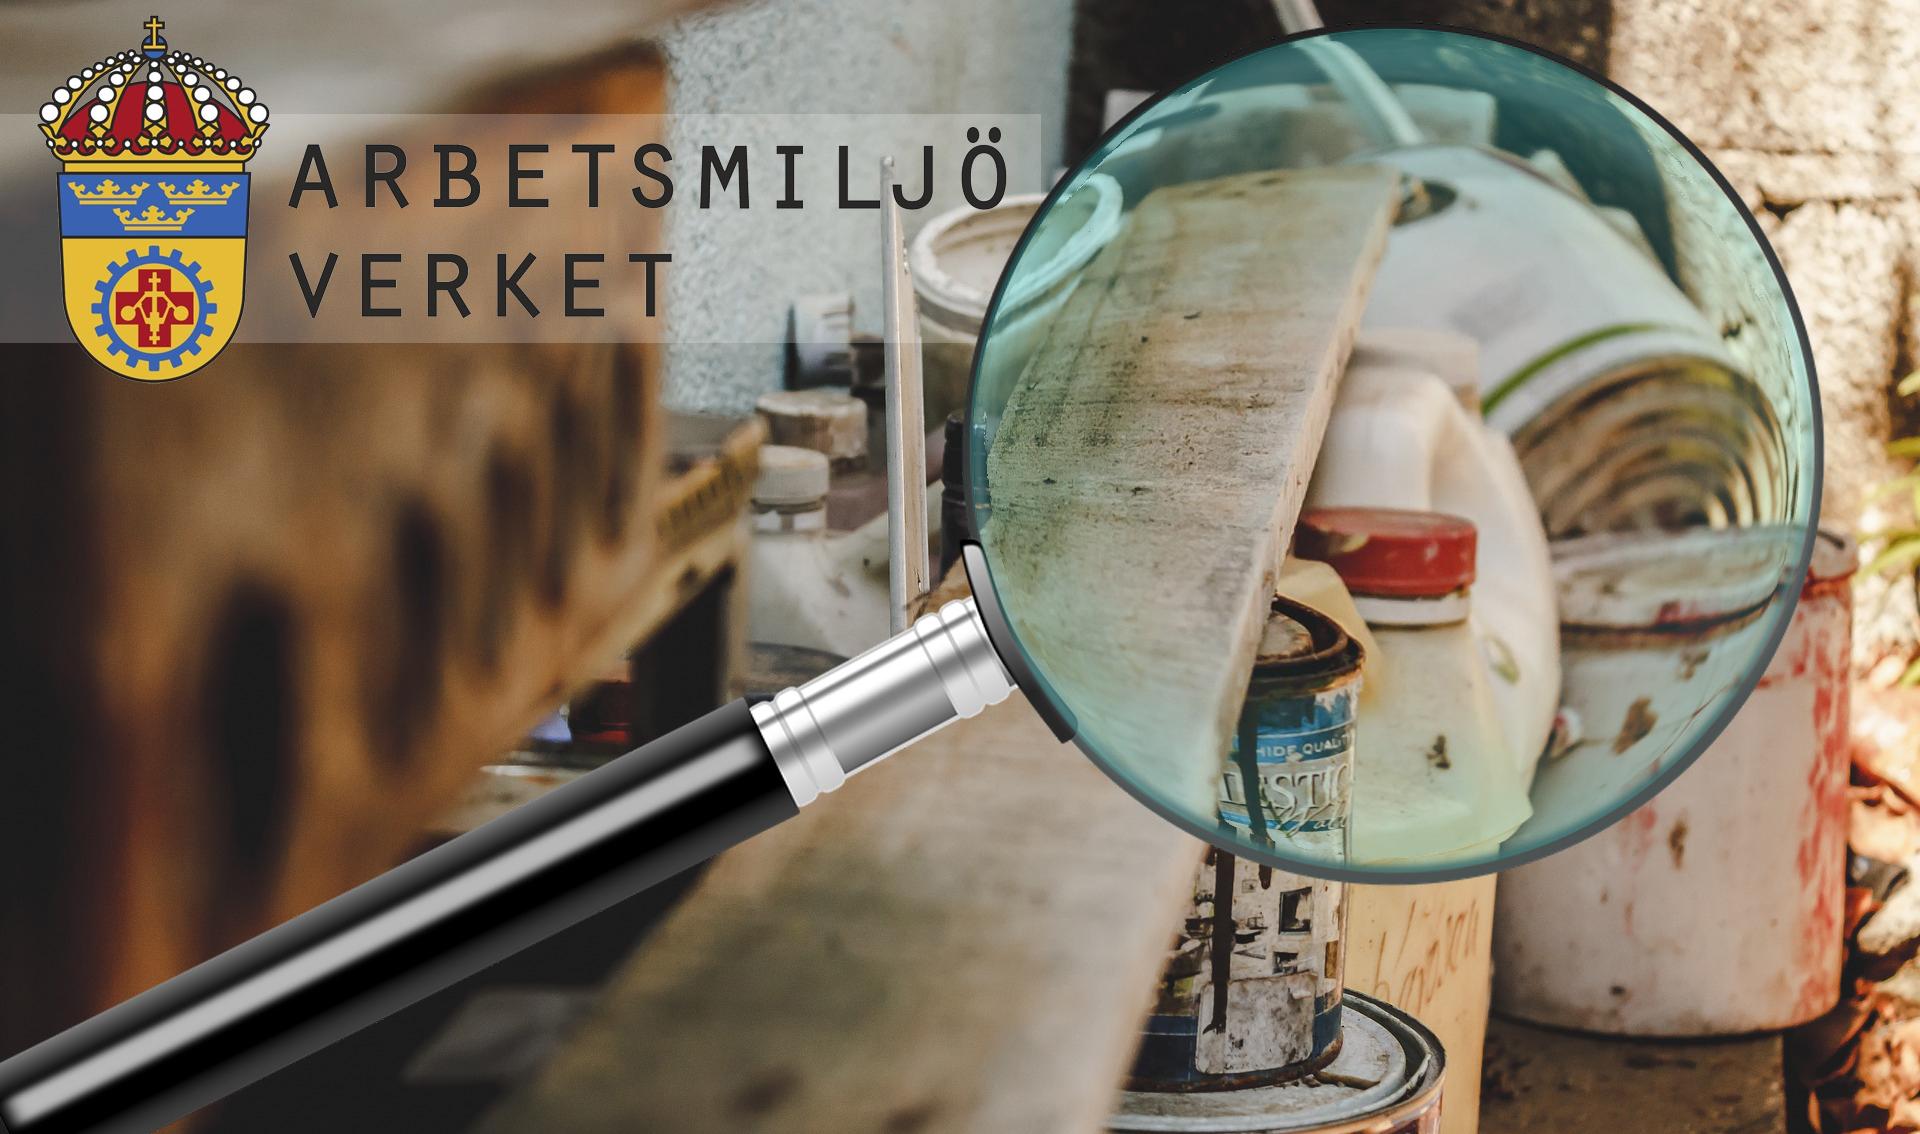 Ett förstoringsglas som zoomar in på en hylla med färgburkar. Arbetsmiljöverkets logga är monterad i ena hörnet.